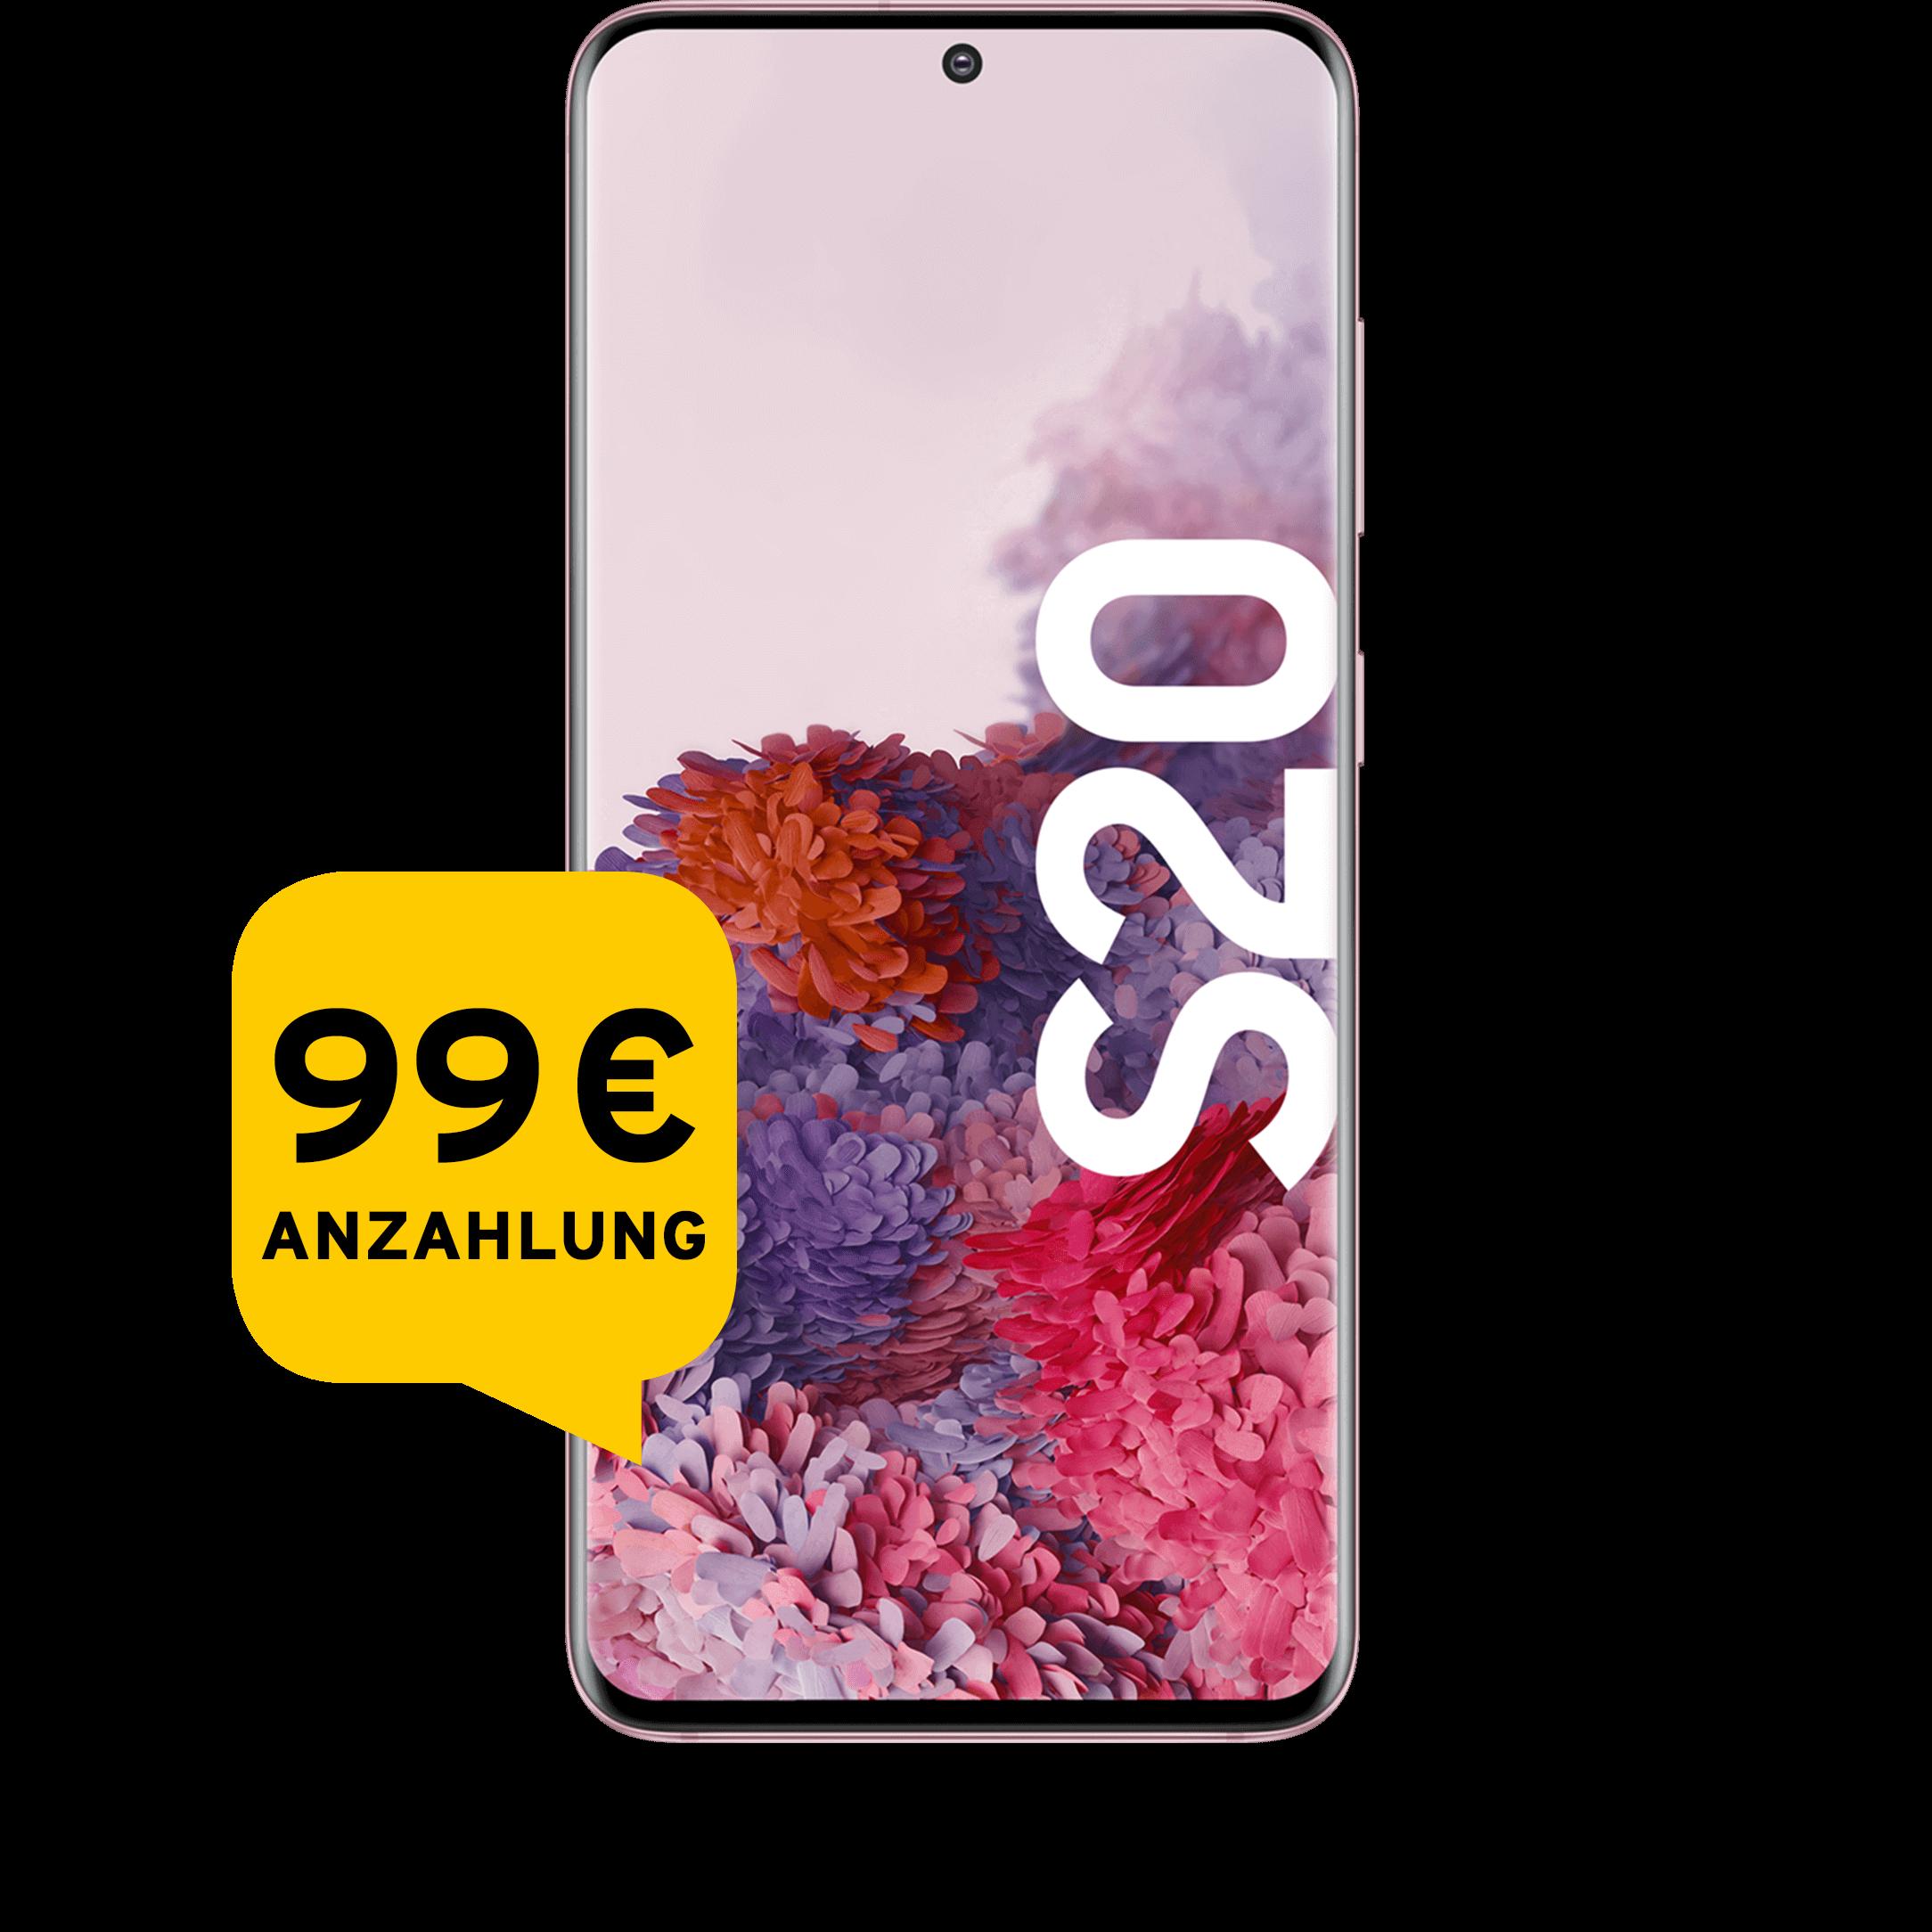 Günstig Kaufen beim Preisvergleich-Samsung Galaxy S20 128 GB pink Aktion mit Allnet Flat Plus